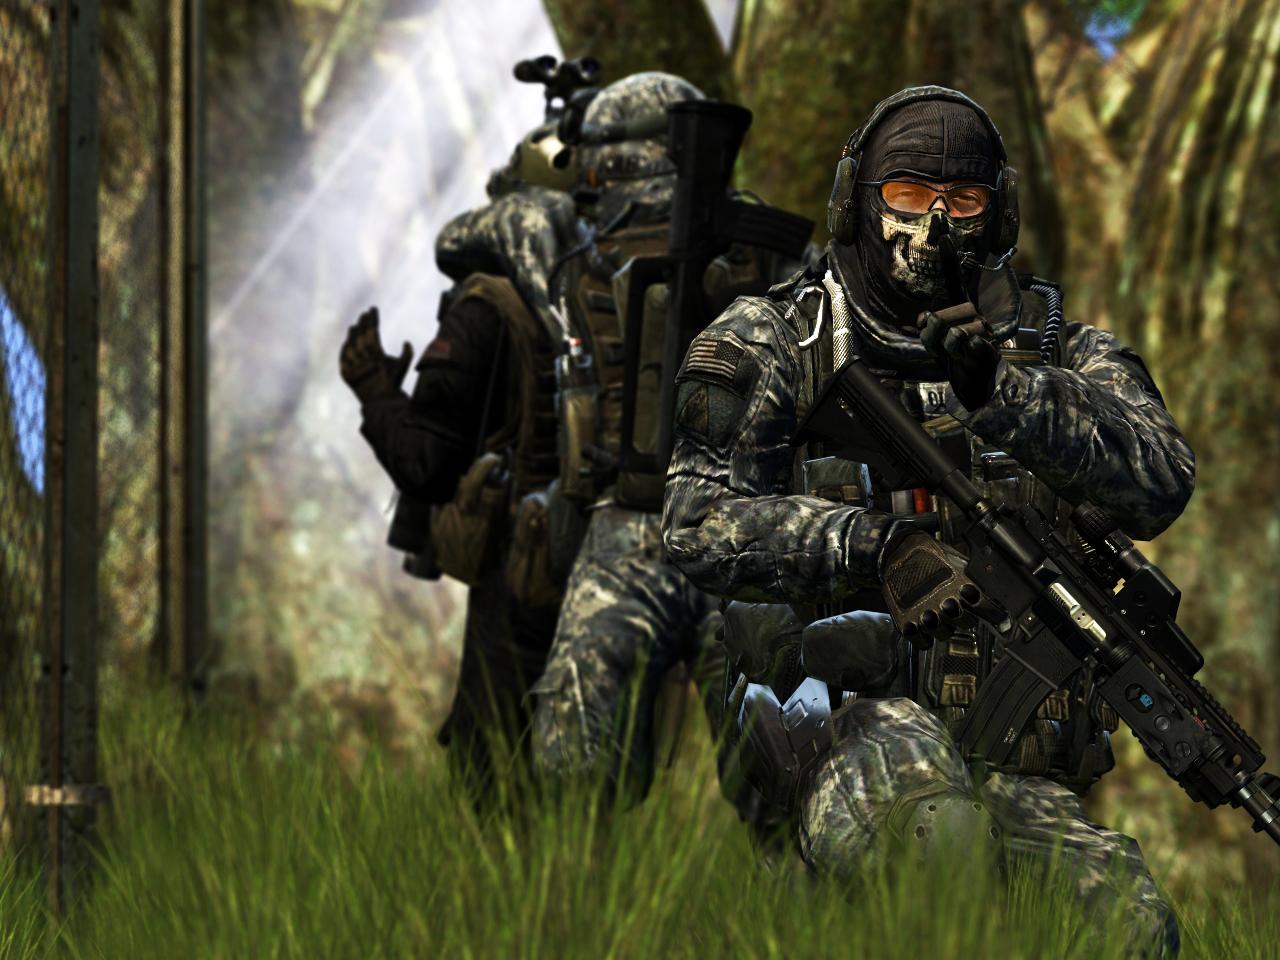 Call Of Duty Ghost 2015 Wallpaper - WallpaperSafari